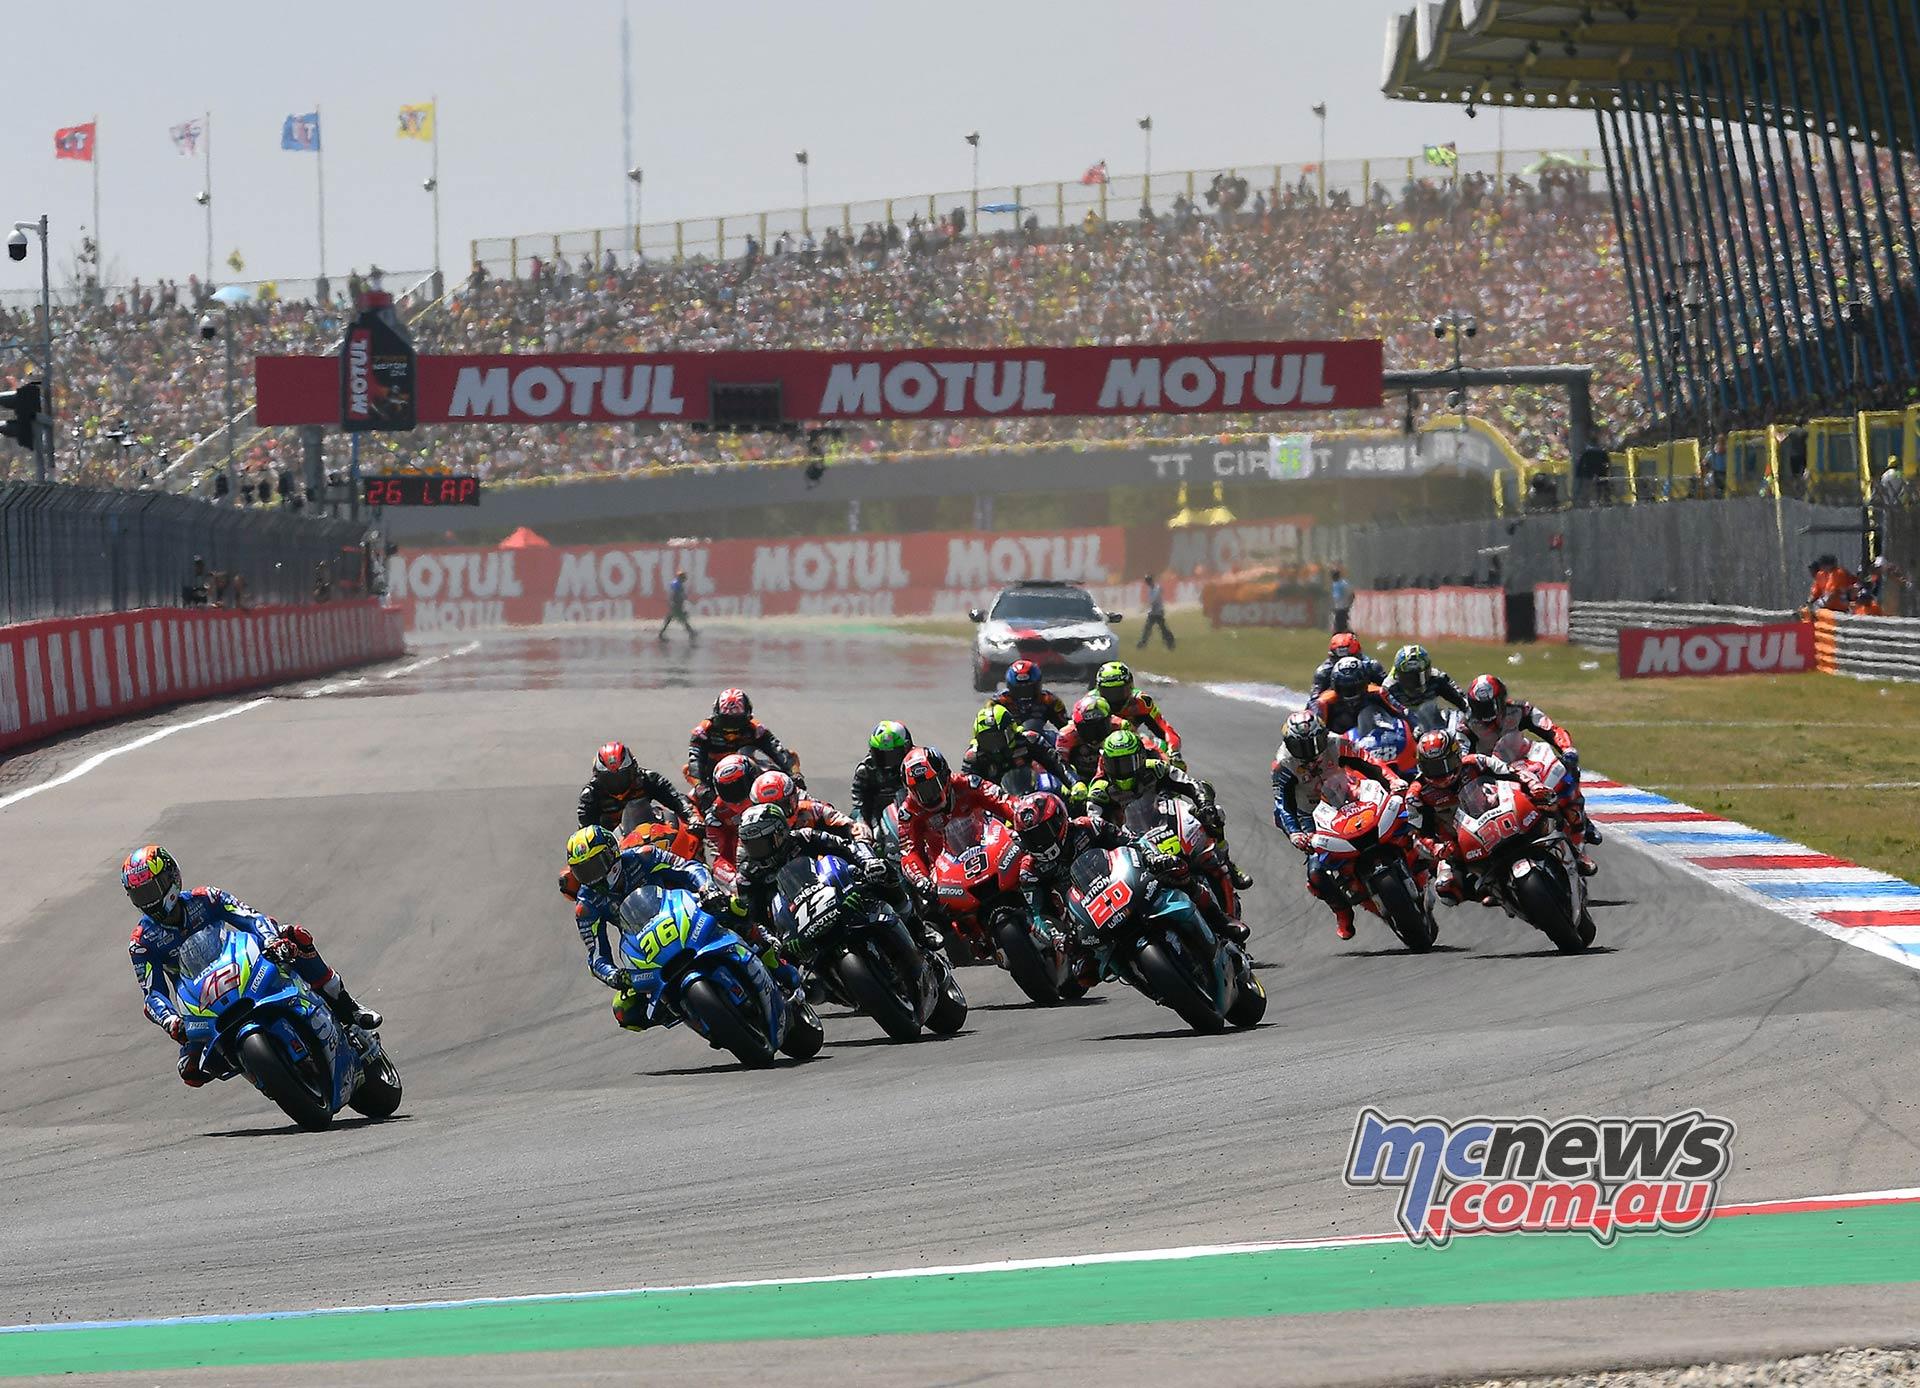 MotoGP Rnd Assen Race Start